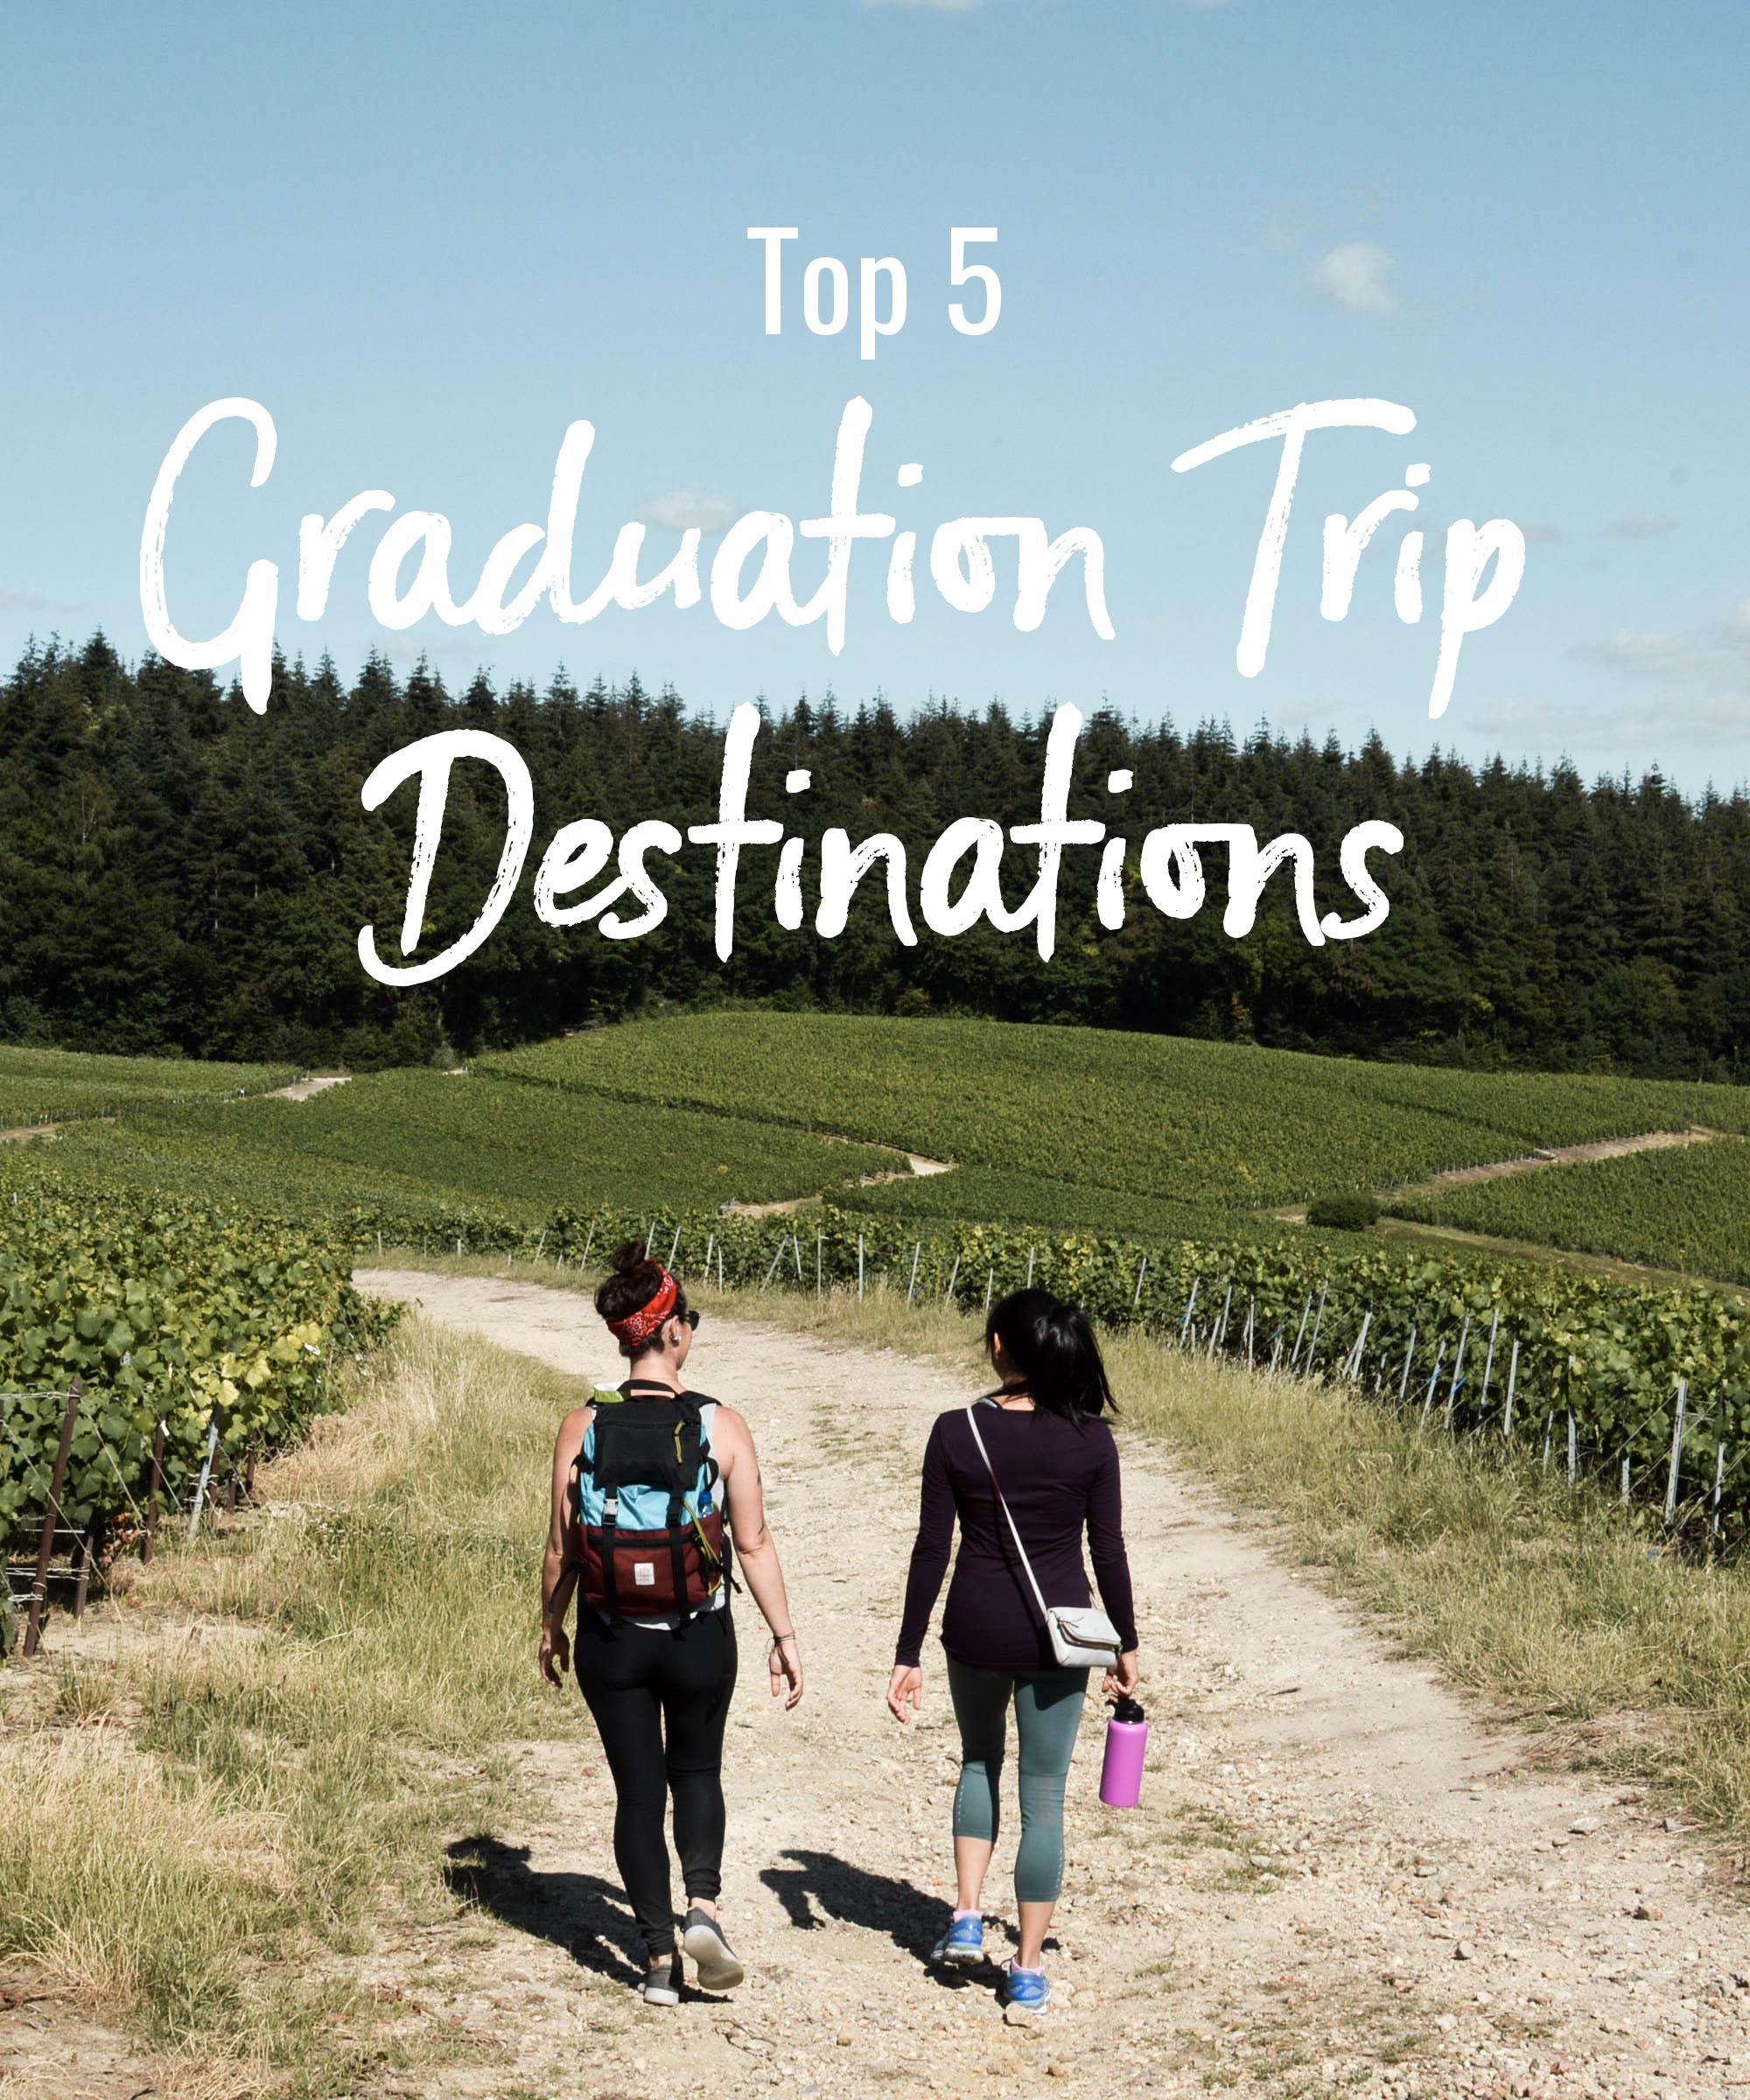 Top 5 Graduation Trip Destinations